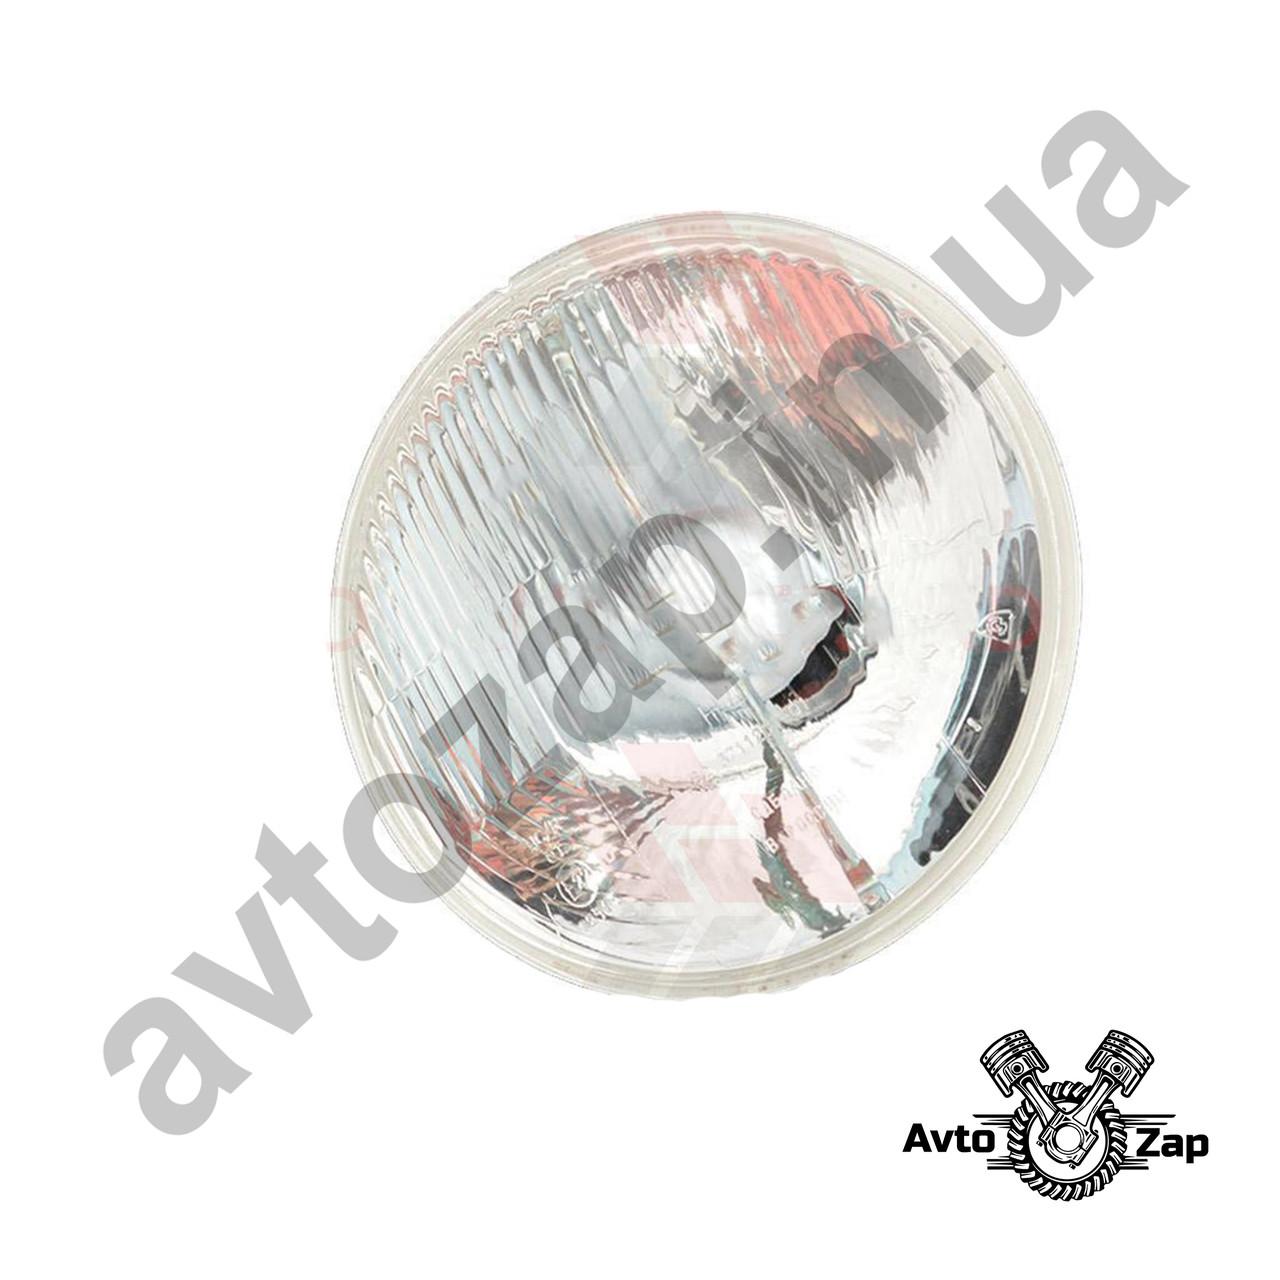 Элемент оптики ВАЗ 2101-02 без подсветки ,без отражателя, Н4     30763